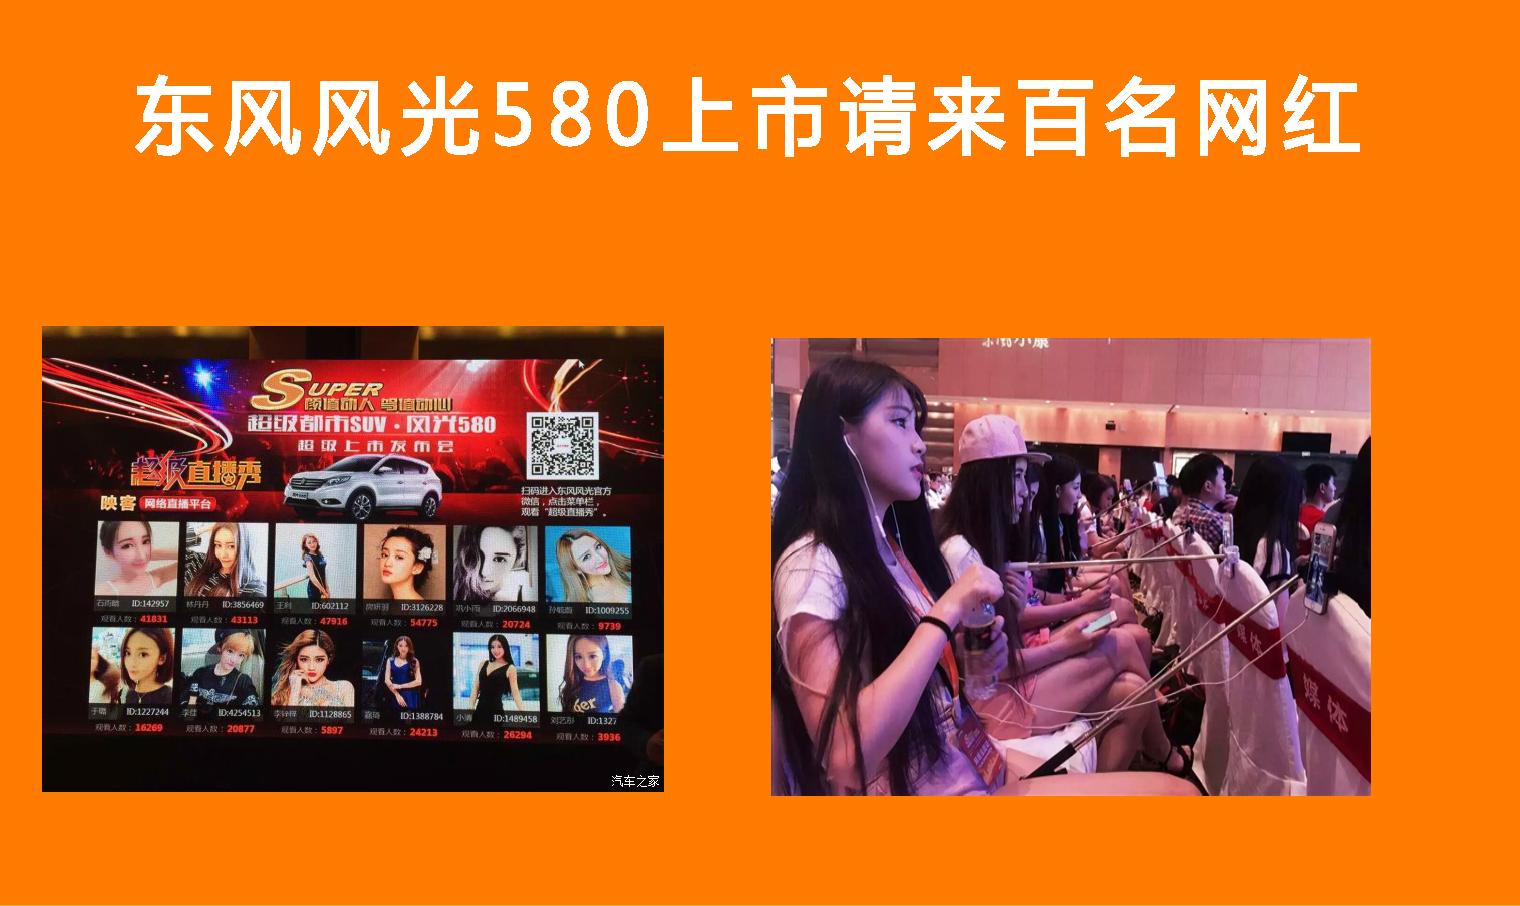 企业如何玩转网红视频直播营销?(上)